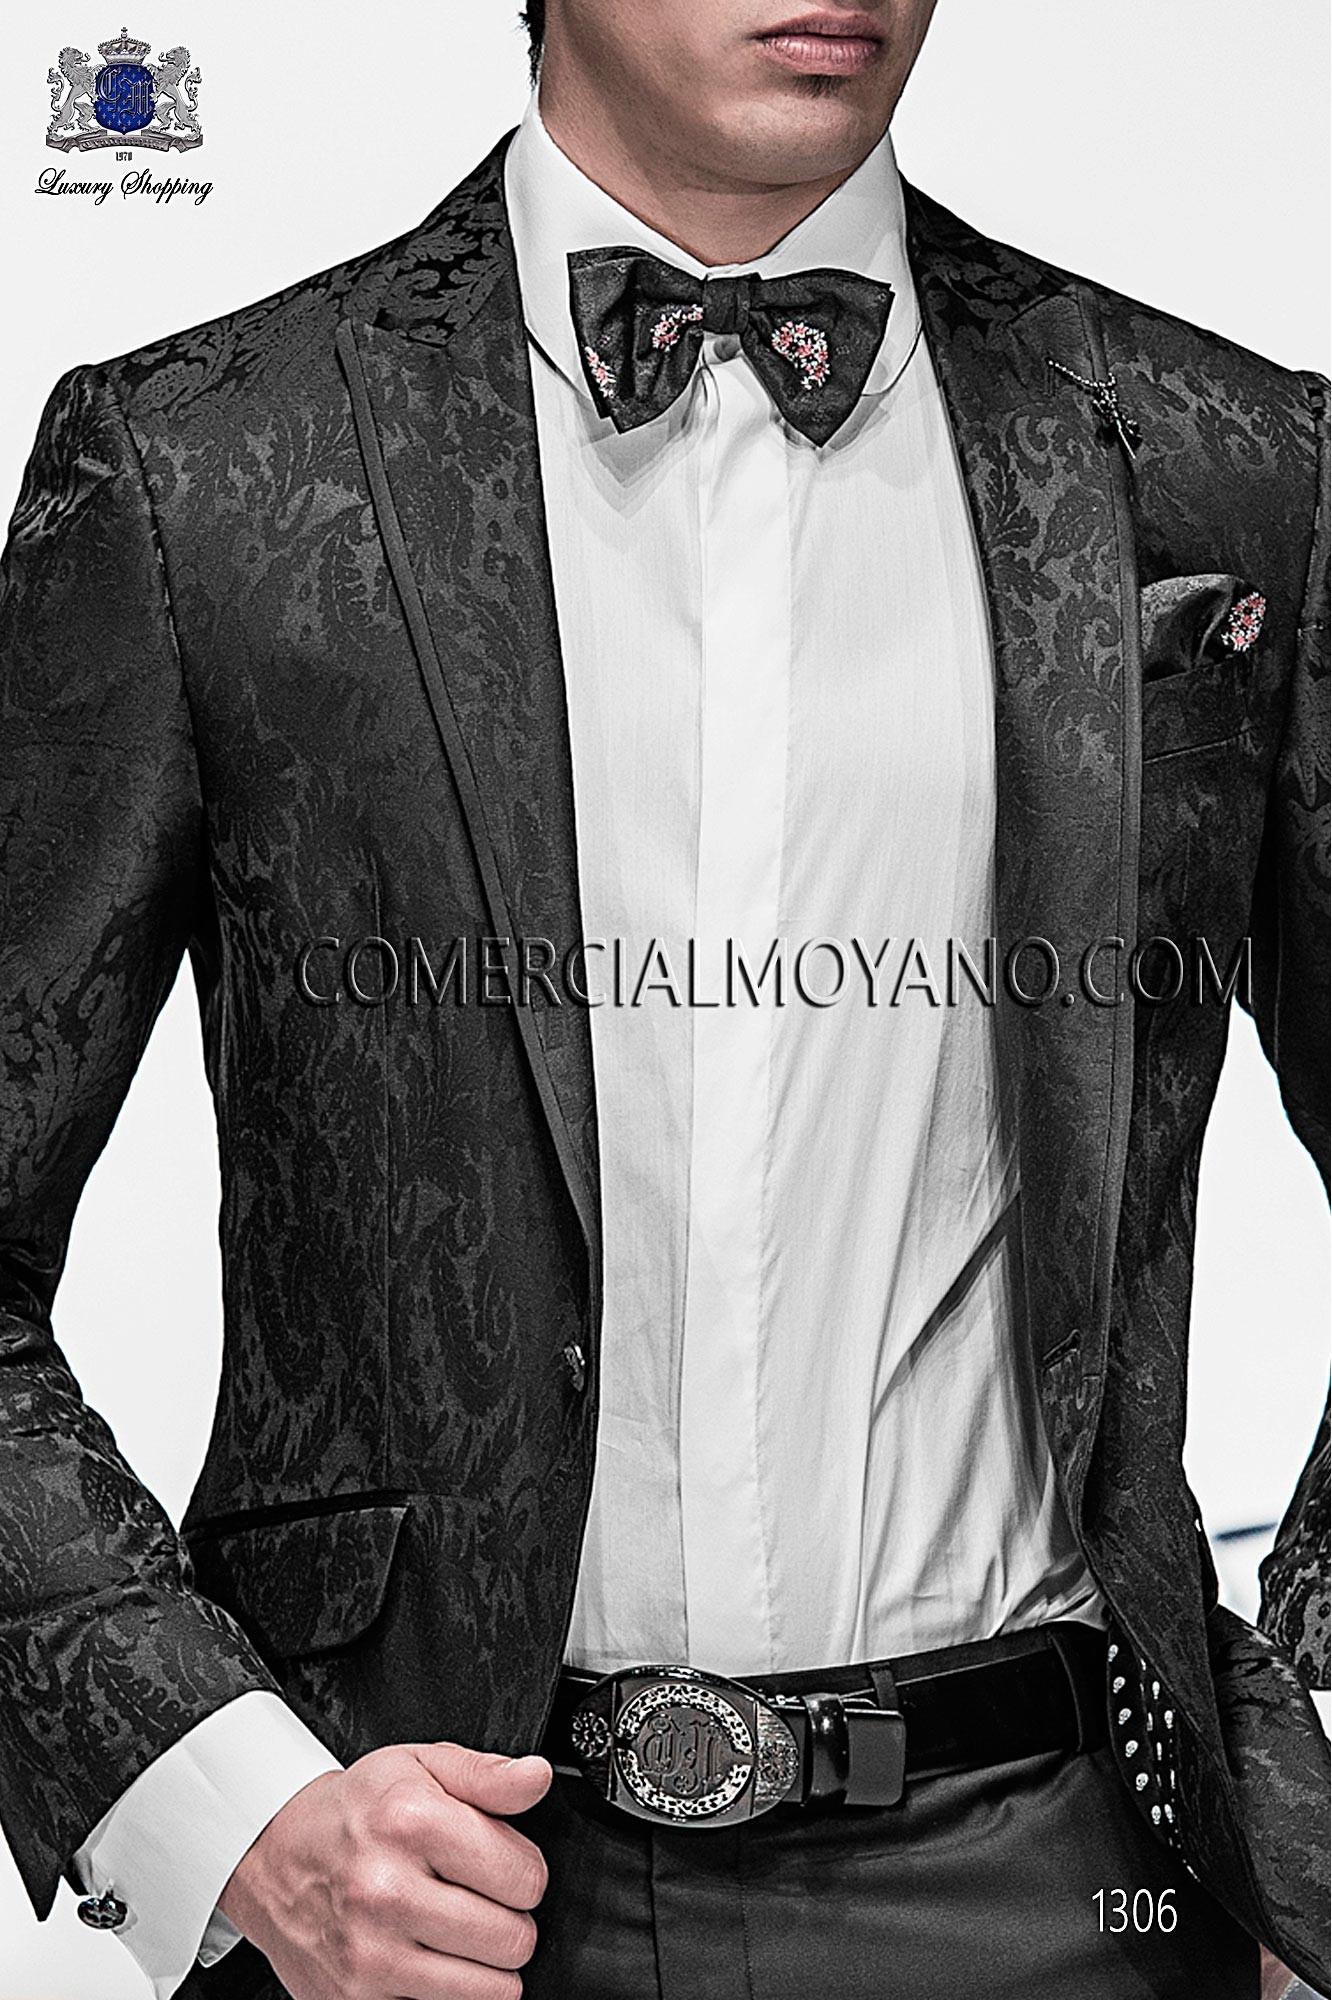 Traje Emotion de novio negro modelo: 1306 Ottavio Nuccio Gala colección Emotion 2017